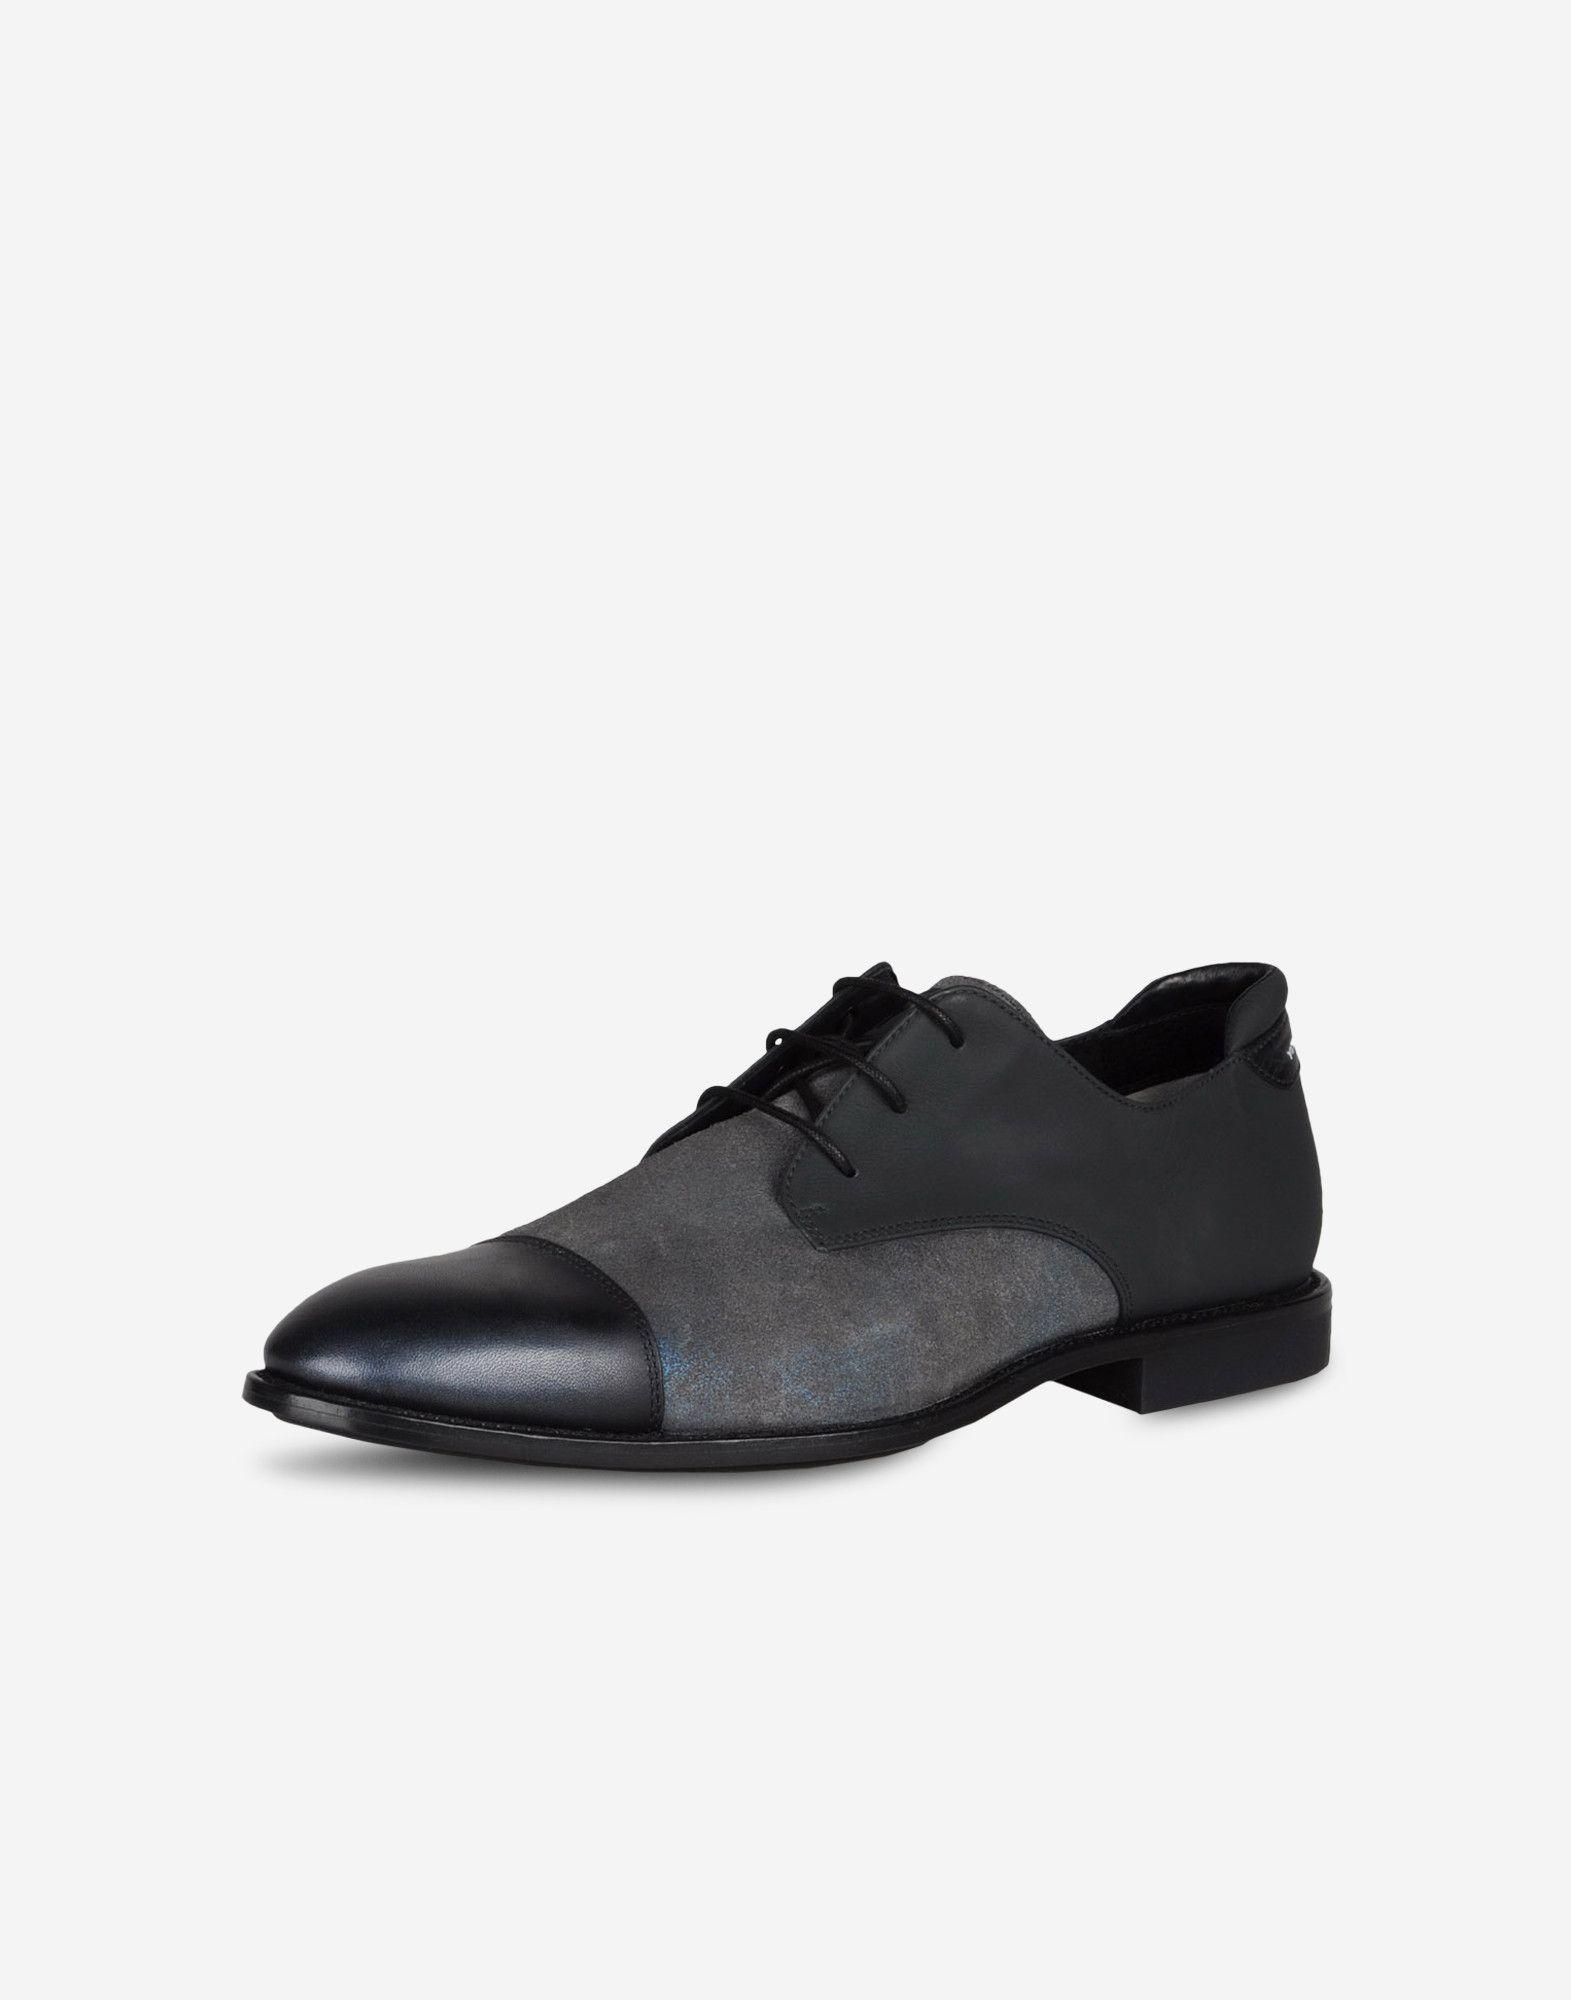 Dress Shoes Men Shoes Men On Y 3 Online Store Fashion Dress Shoes Lace Oxfords Black Dress Shoes [ 2000 x 1571 Pixel ]